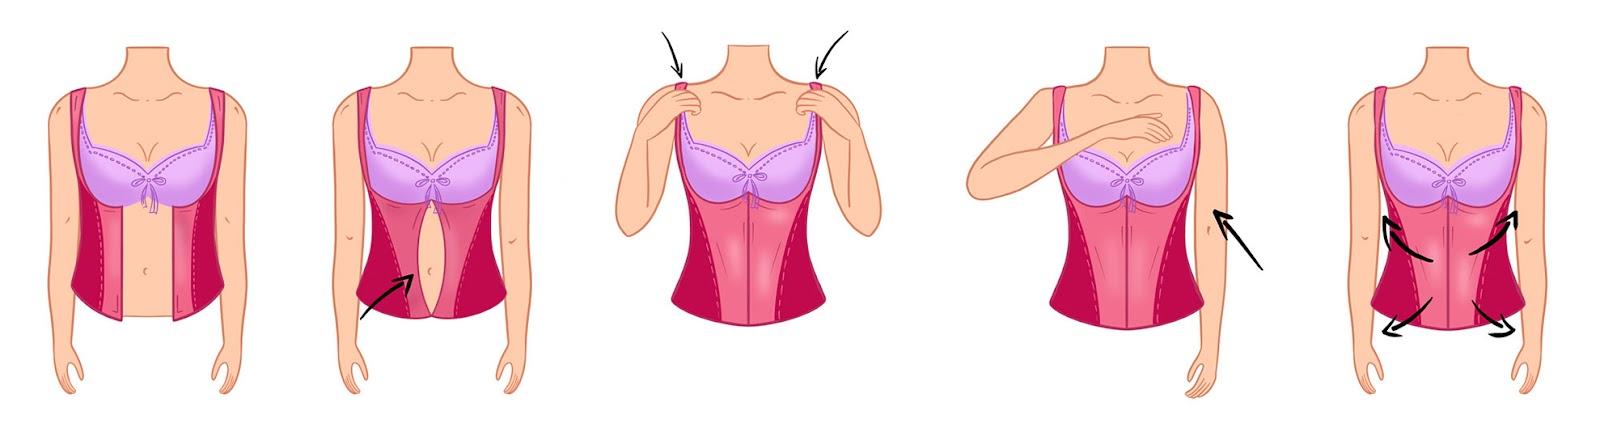 Как носить утягивающее белье